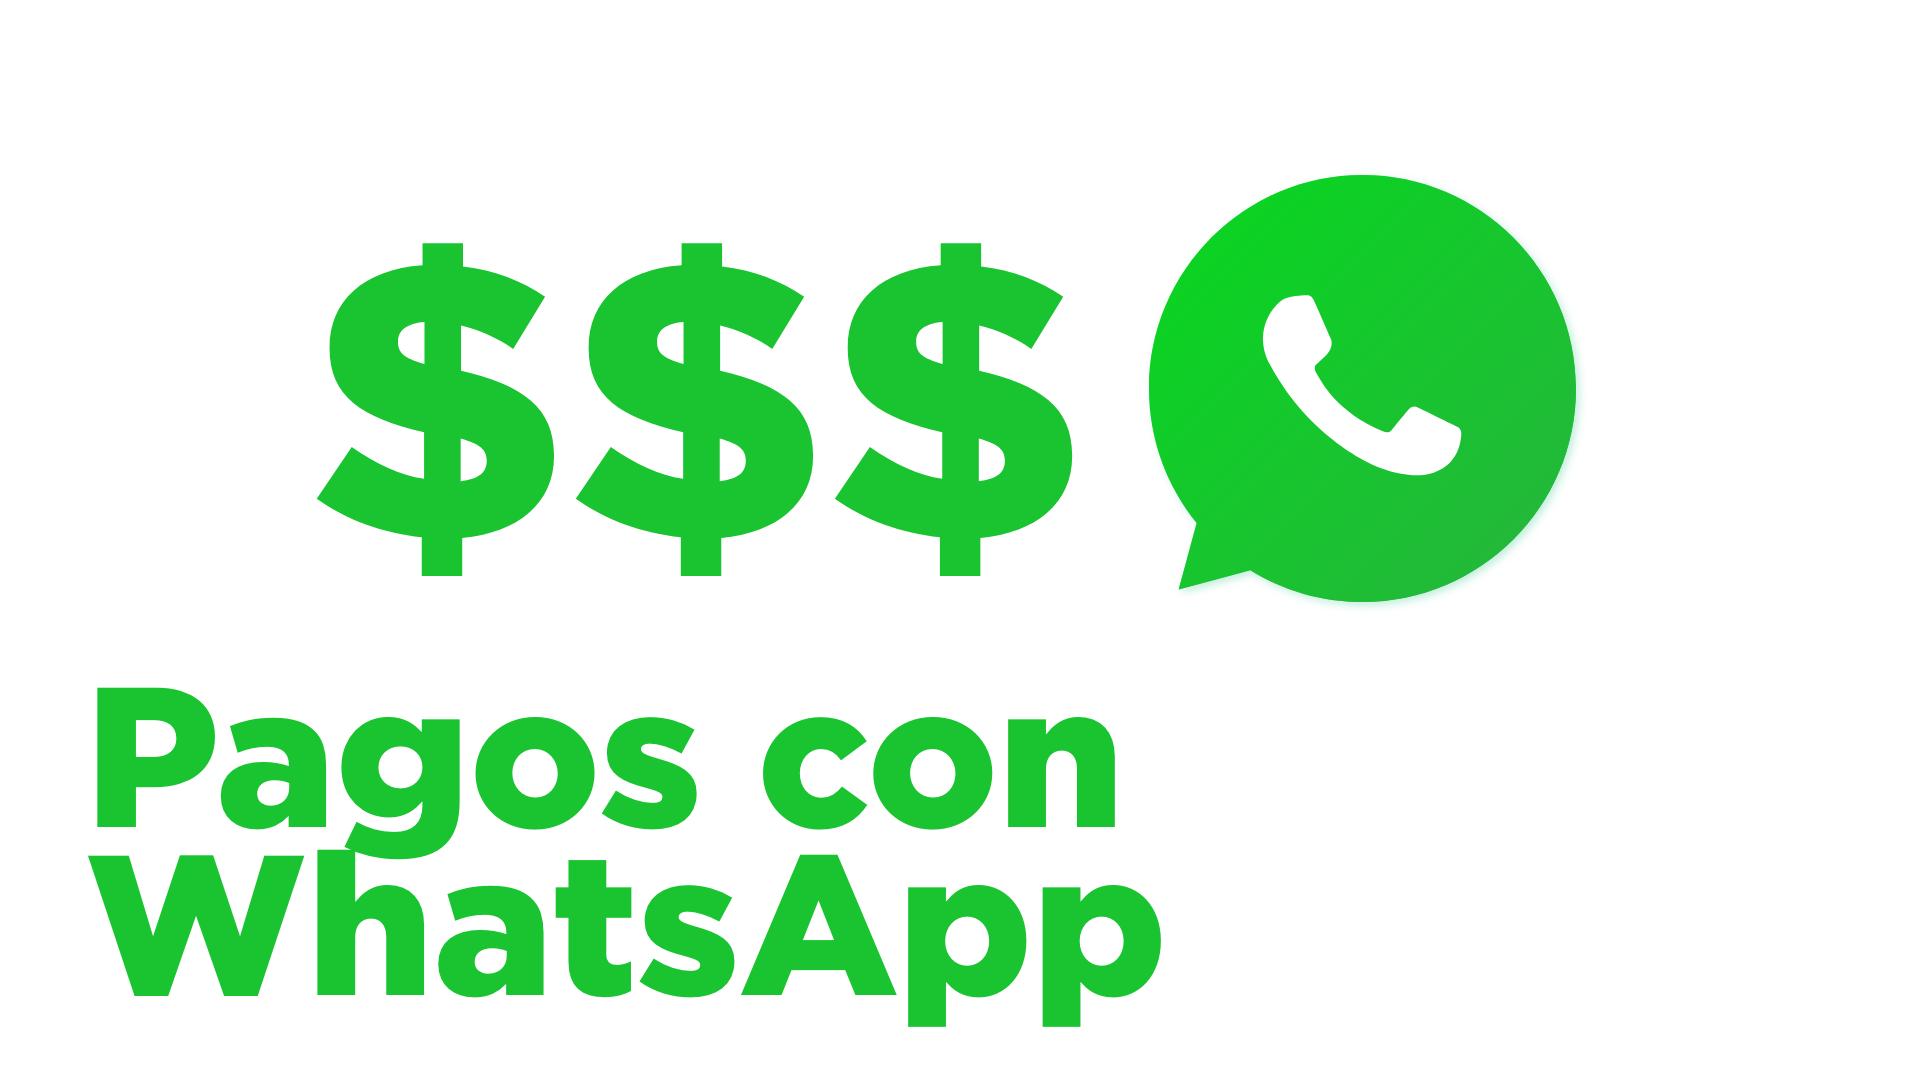 Pagos con WhatsApp. El paso final para el comercio conversacional con ChatWith